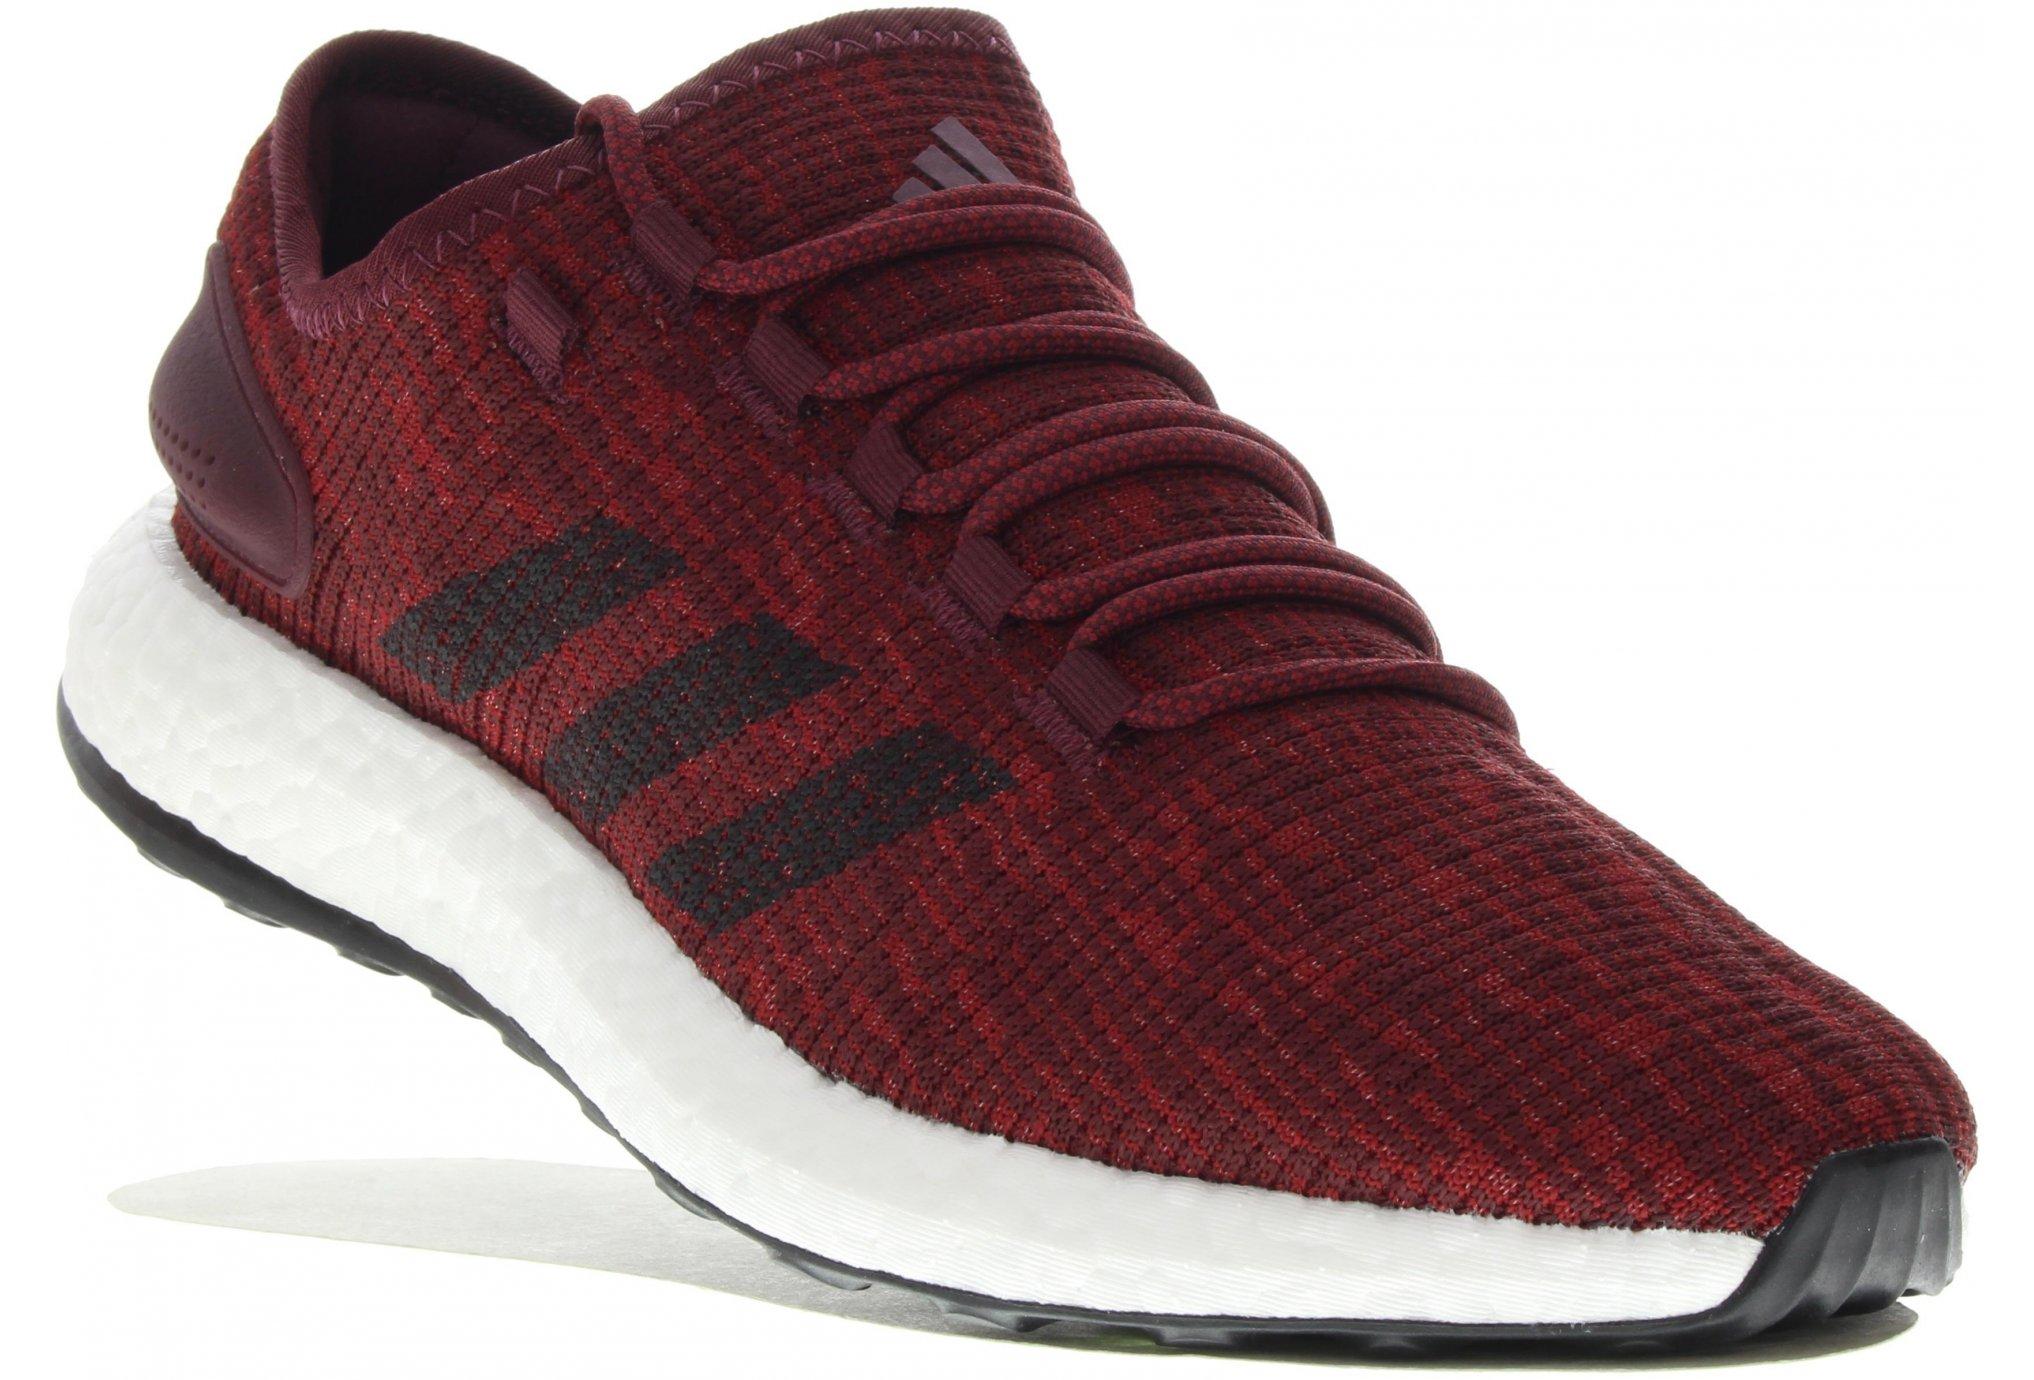 Adidas Pureboost m diététique chaussures homme